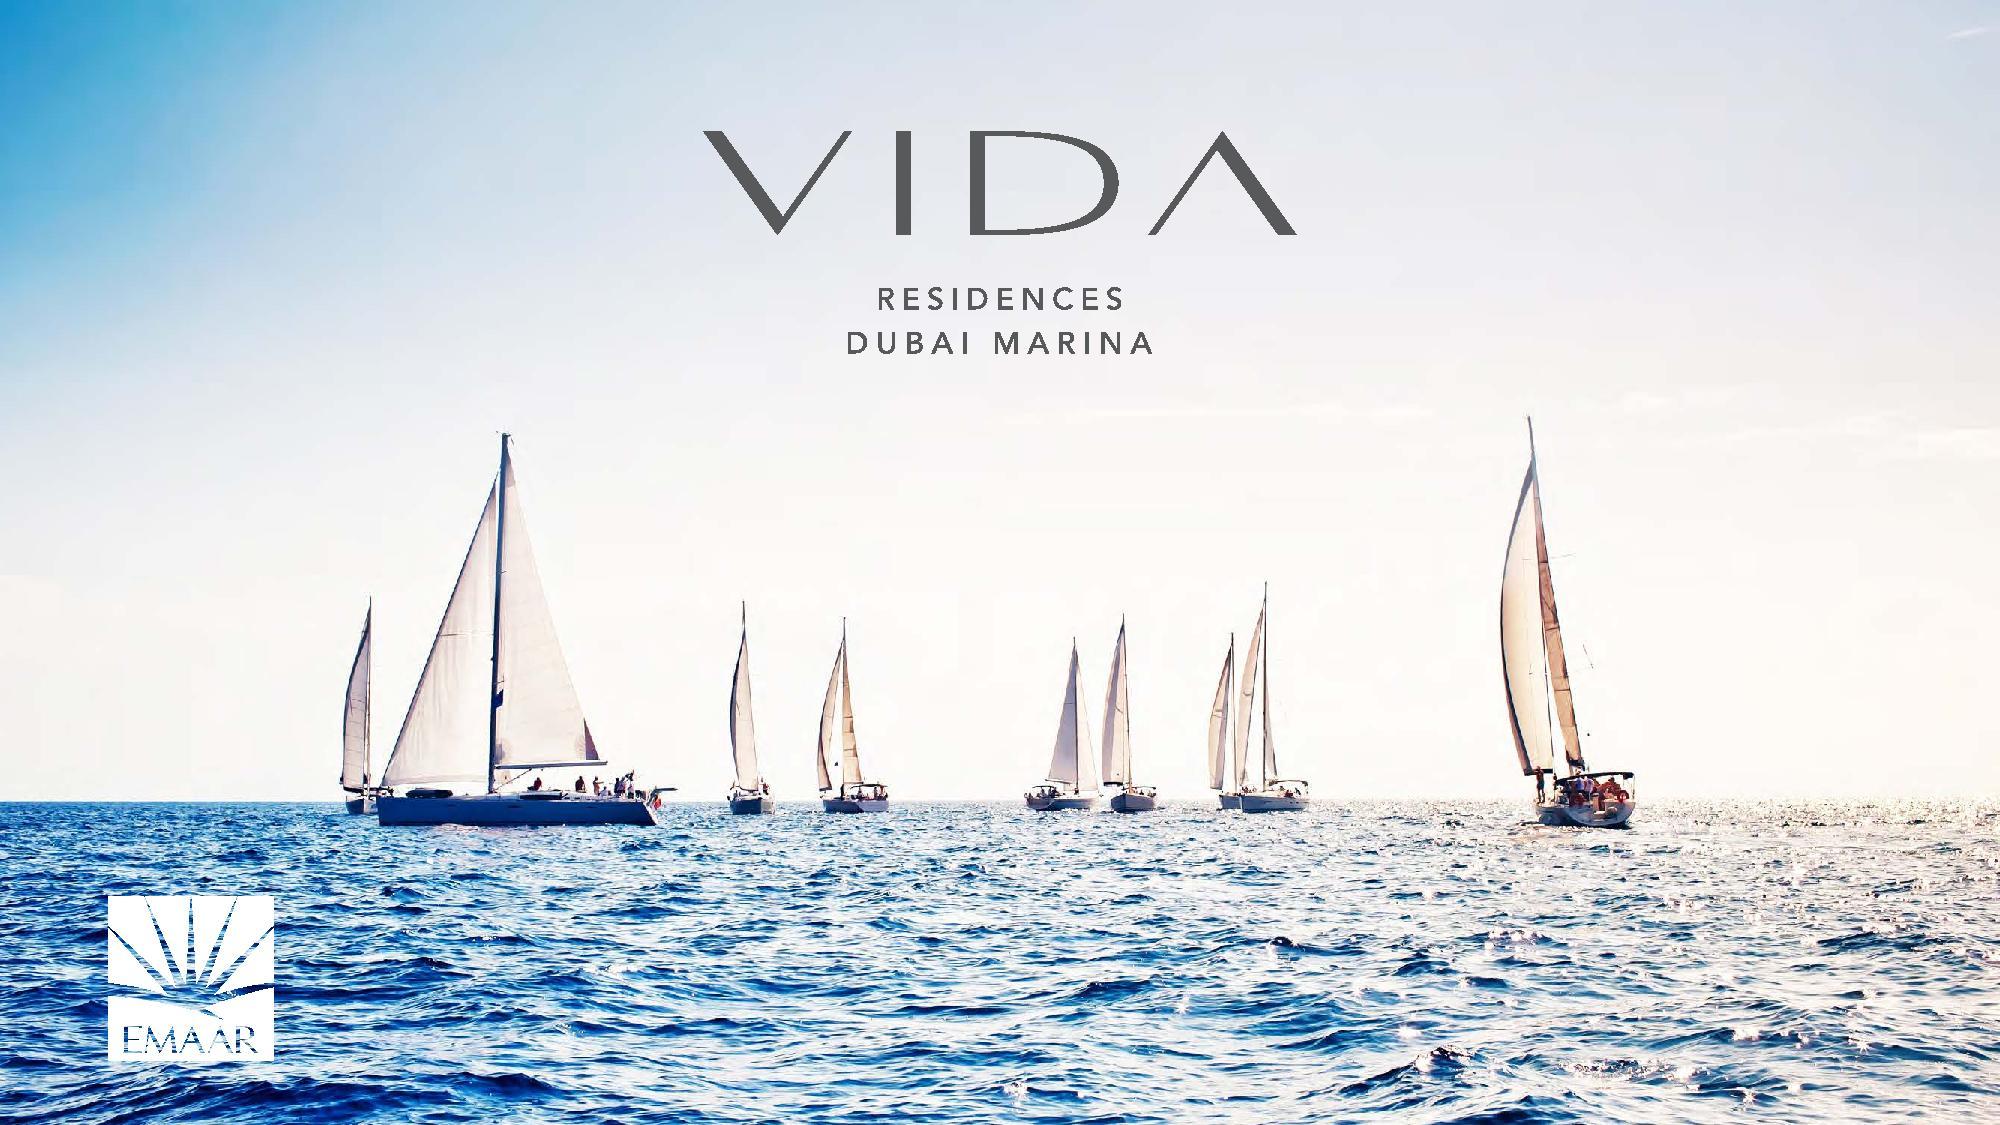 Vida Residences Brochure page 001 - Photo Gallery - Vida Residences Dubai Marina